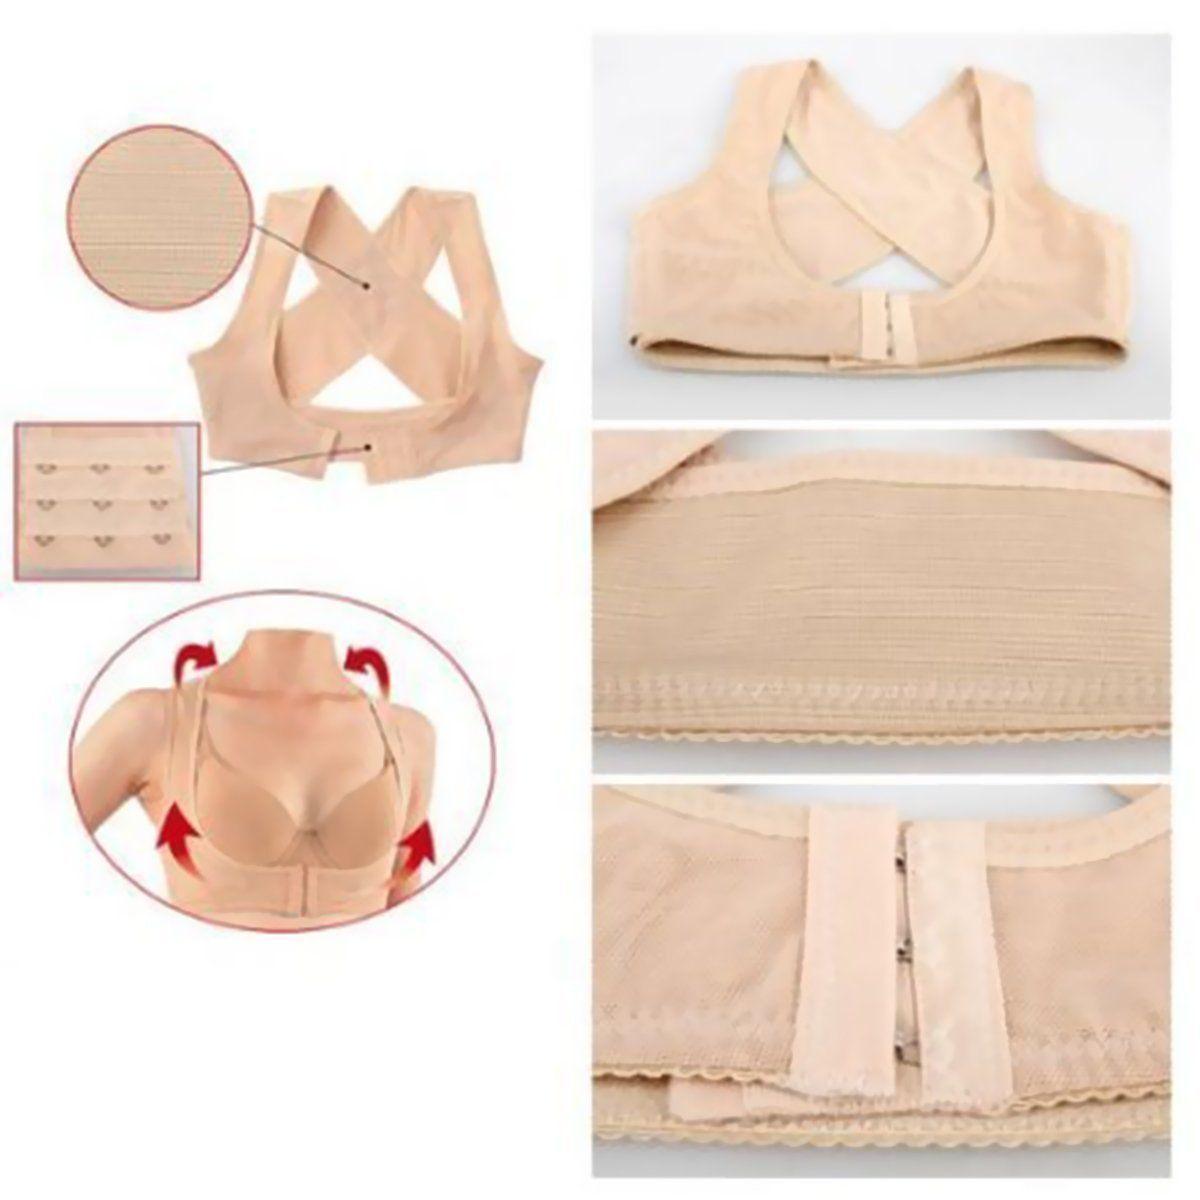 2a066613b8 Details about Chest Brace Up Prevent Humpback Correct Posture Corset Bra X  Strap Vest